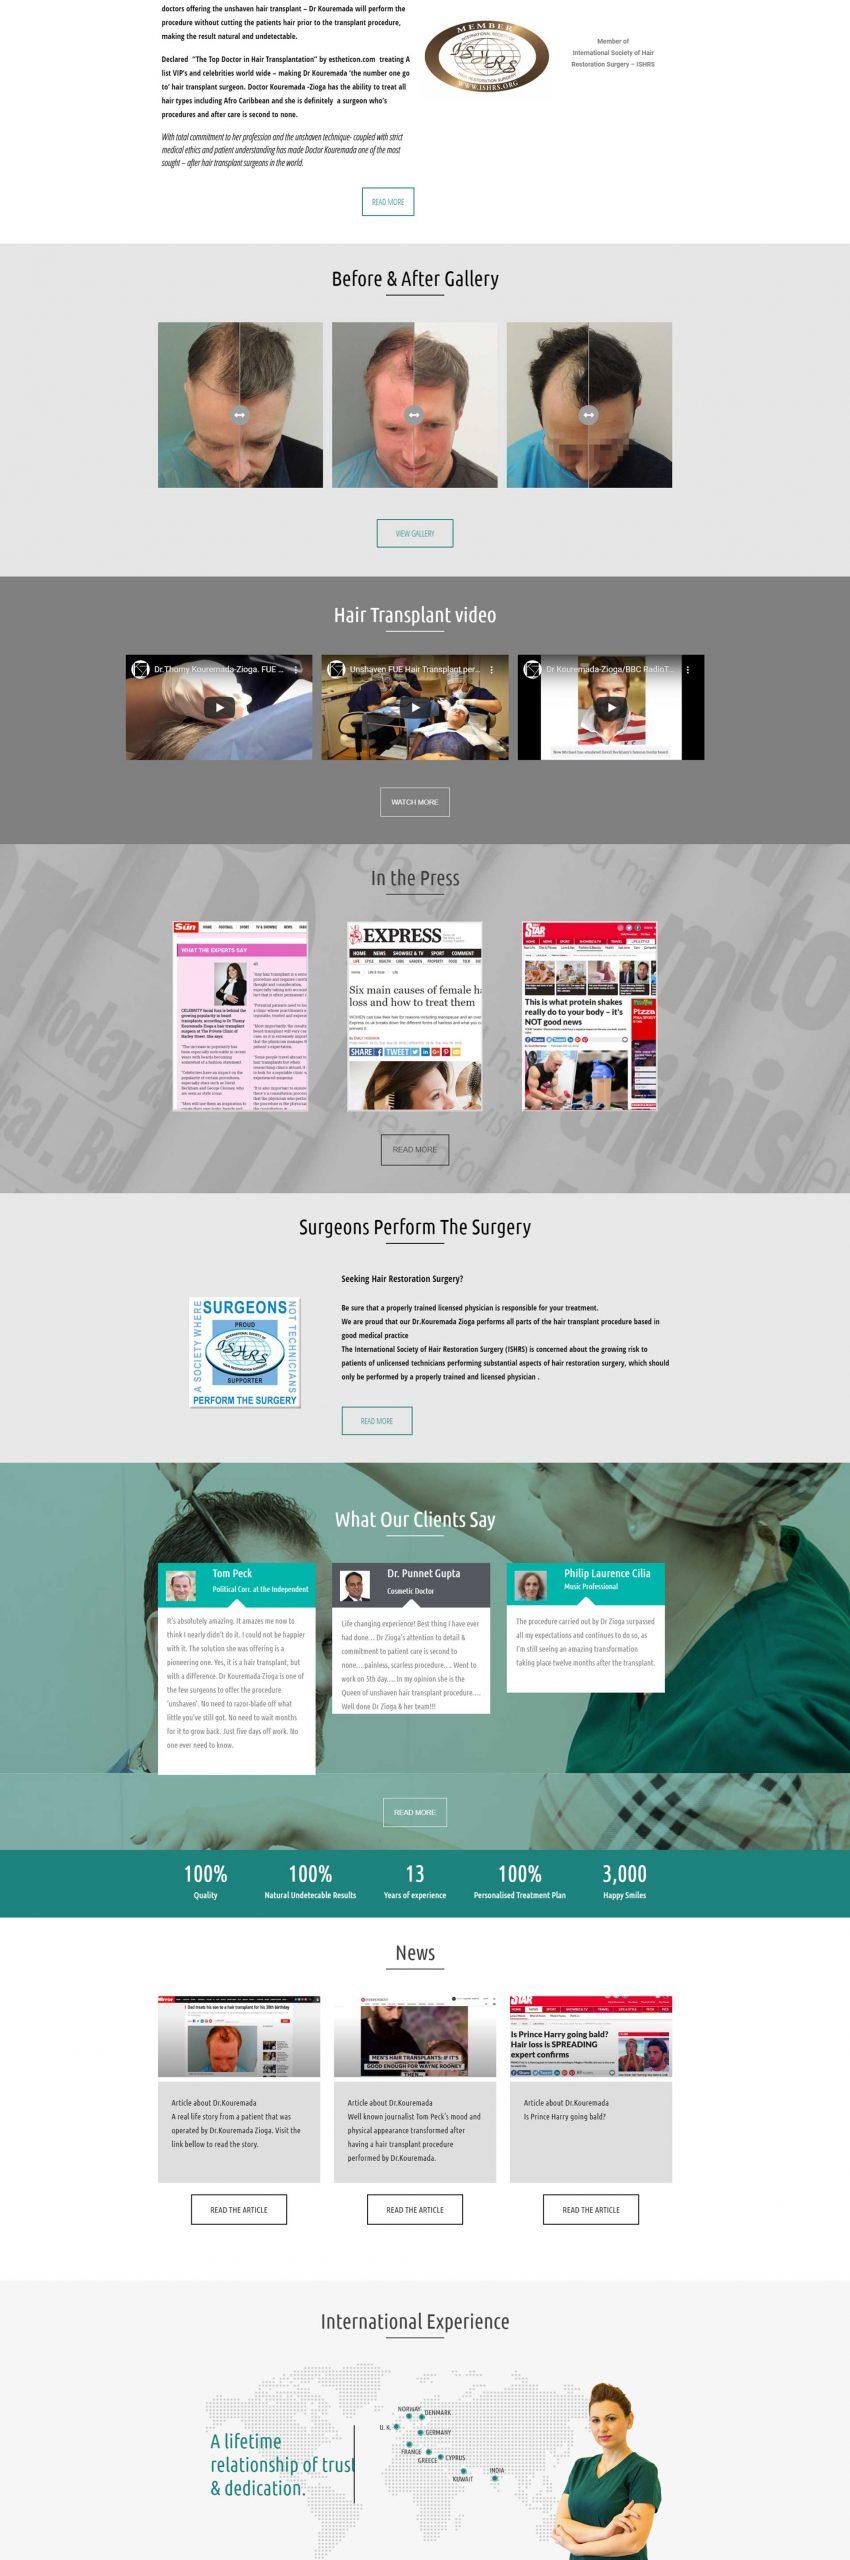 Κατασκευή ιστοσελίδας london hairsurgeon 02 scaled